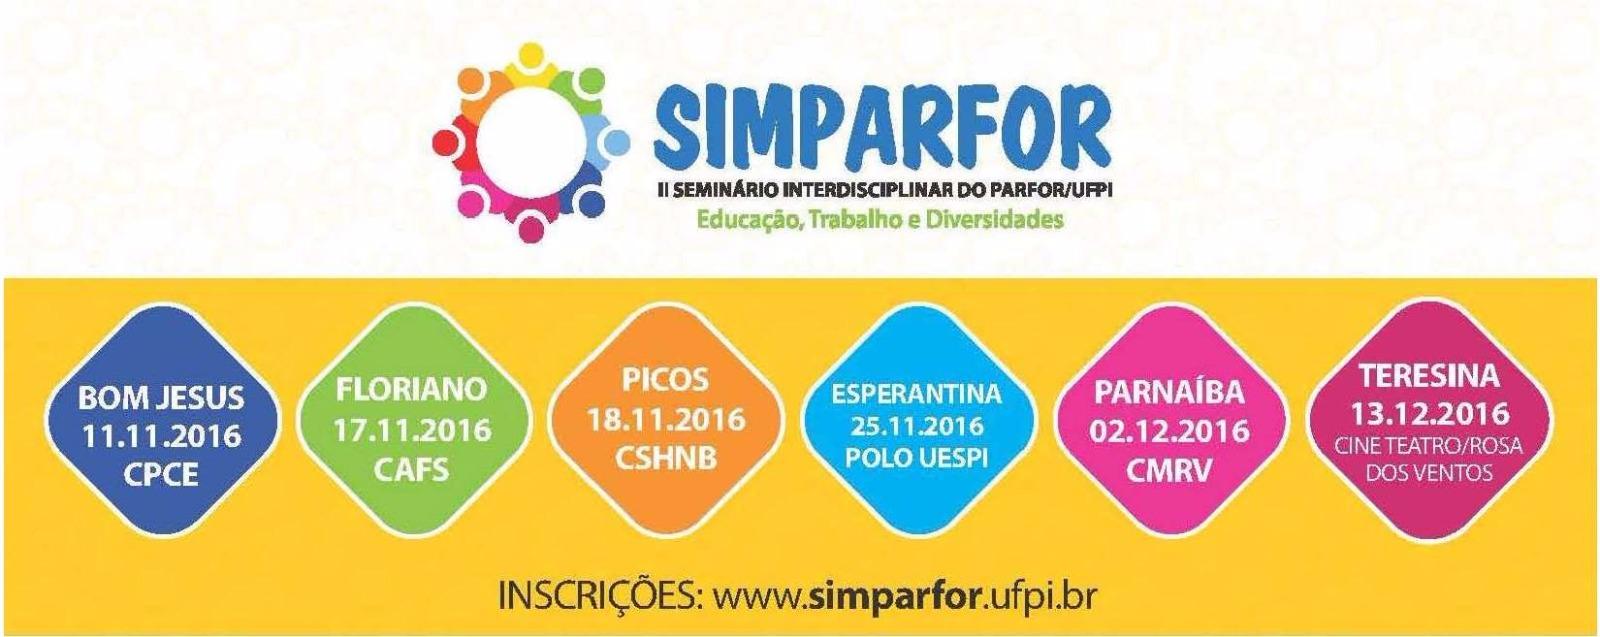 PARFOR/UFPI CONVIDA PARA O II SEMINÁRIO INTERDISCIPLINAR